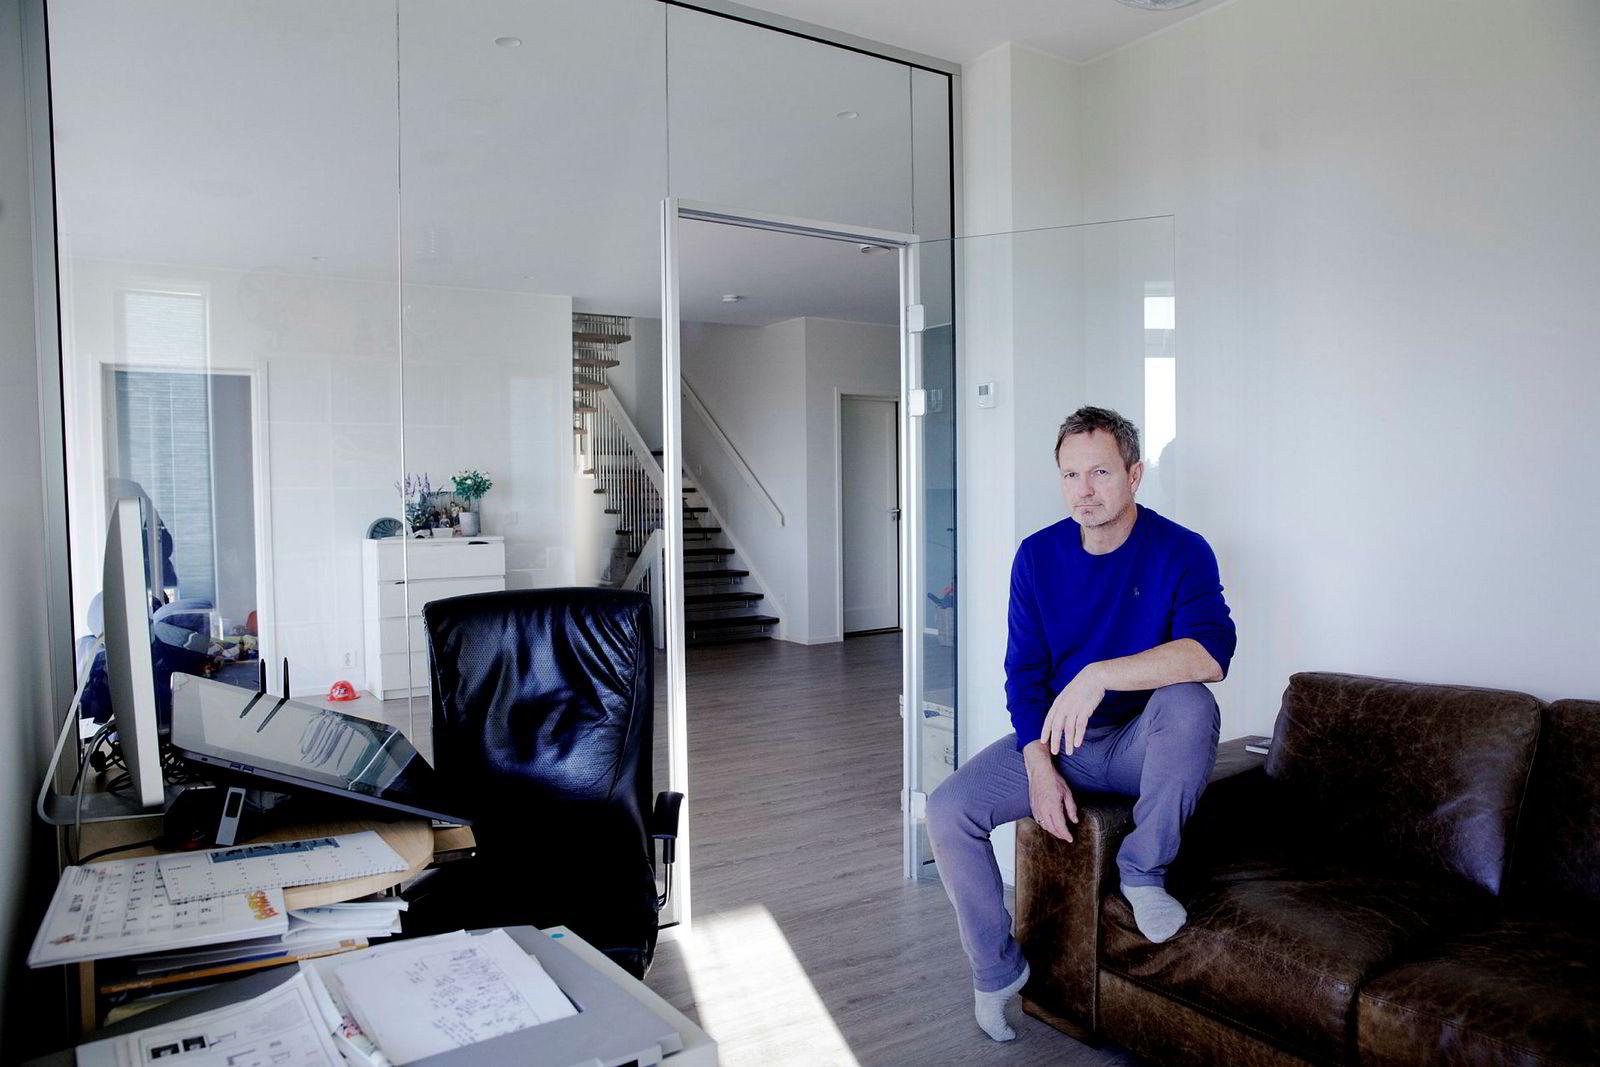 Tegneserieskaper Frode Øverli tegner «Pondus» på hjemmekontoret på Askøy. Han forteller at han er «bitte litt» redd for at filmprosjektet skal ta for mye tid, men sier det er verdt det.